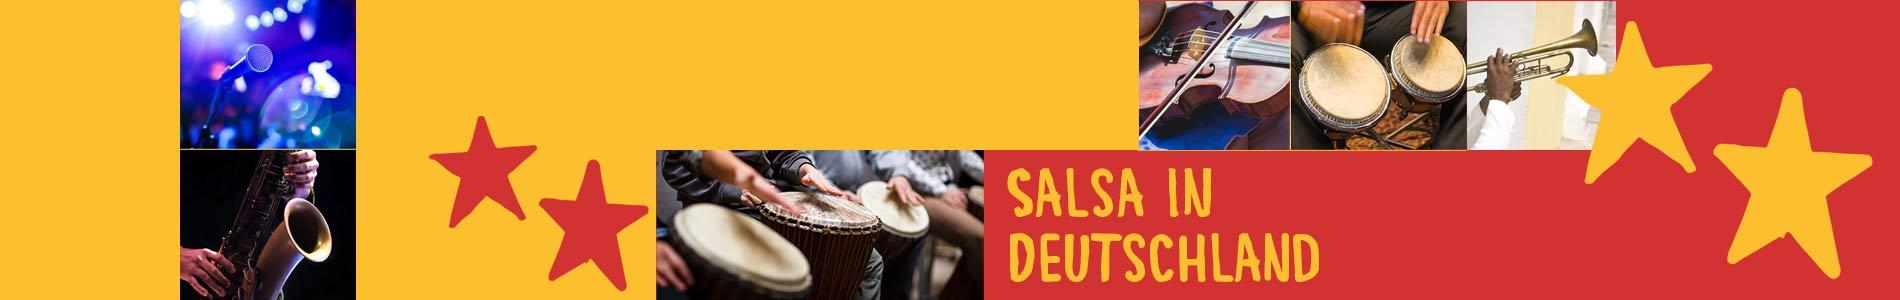 Salsa in Clenze – Salsa lernen und tanzen, Tanzkurse, Partys, Veranstaltungen